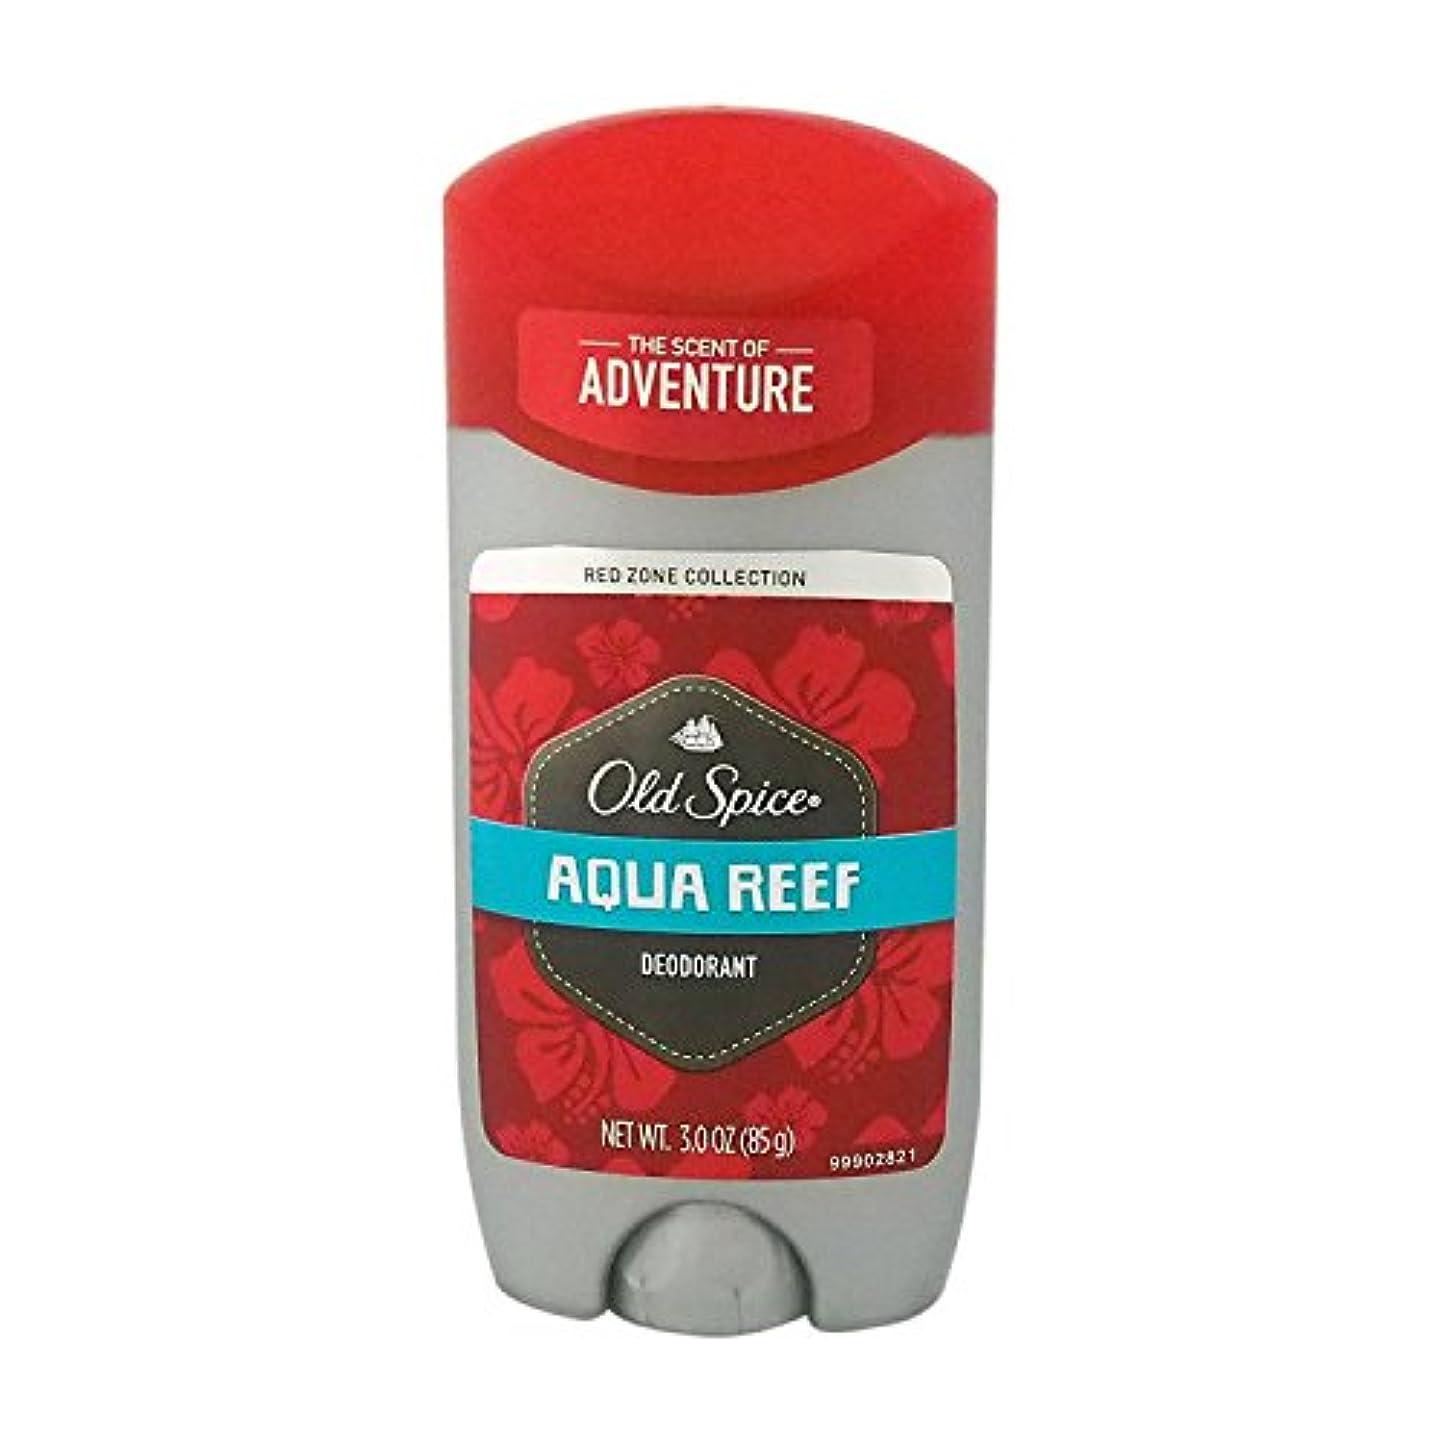 トラブルゴミ箱言い訳オールドスパイス(Old Spice) RED ZONE COLLECTION アクアリーフ デオドラント 85g[並行輸入品]